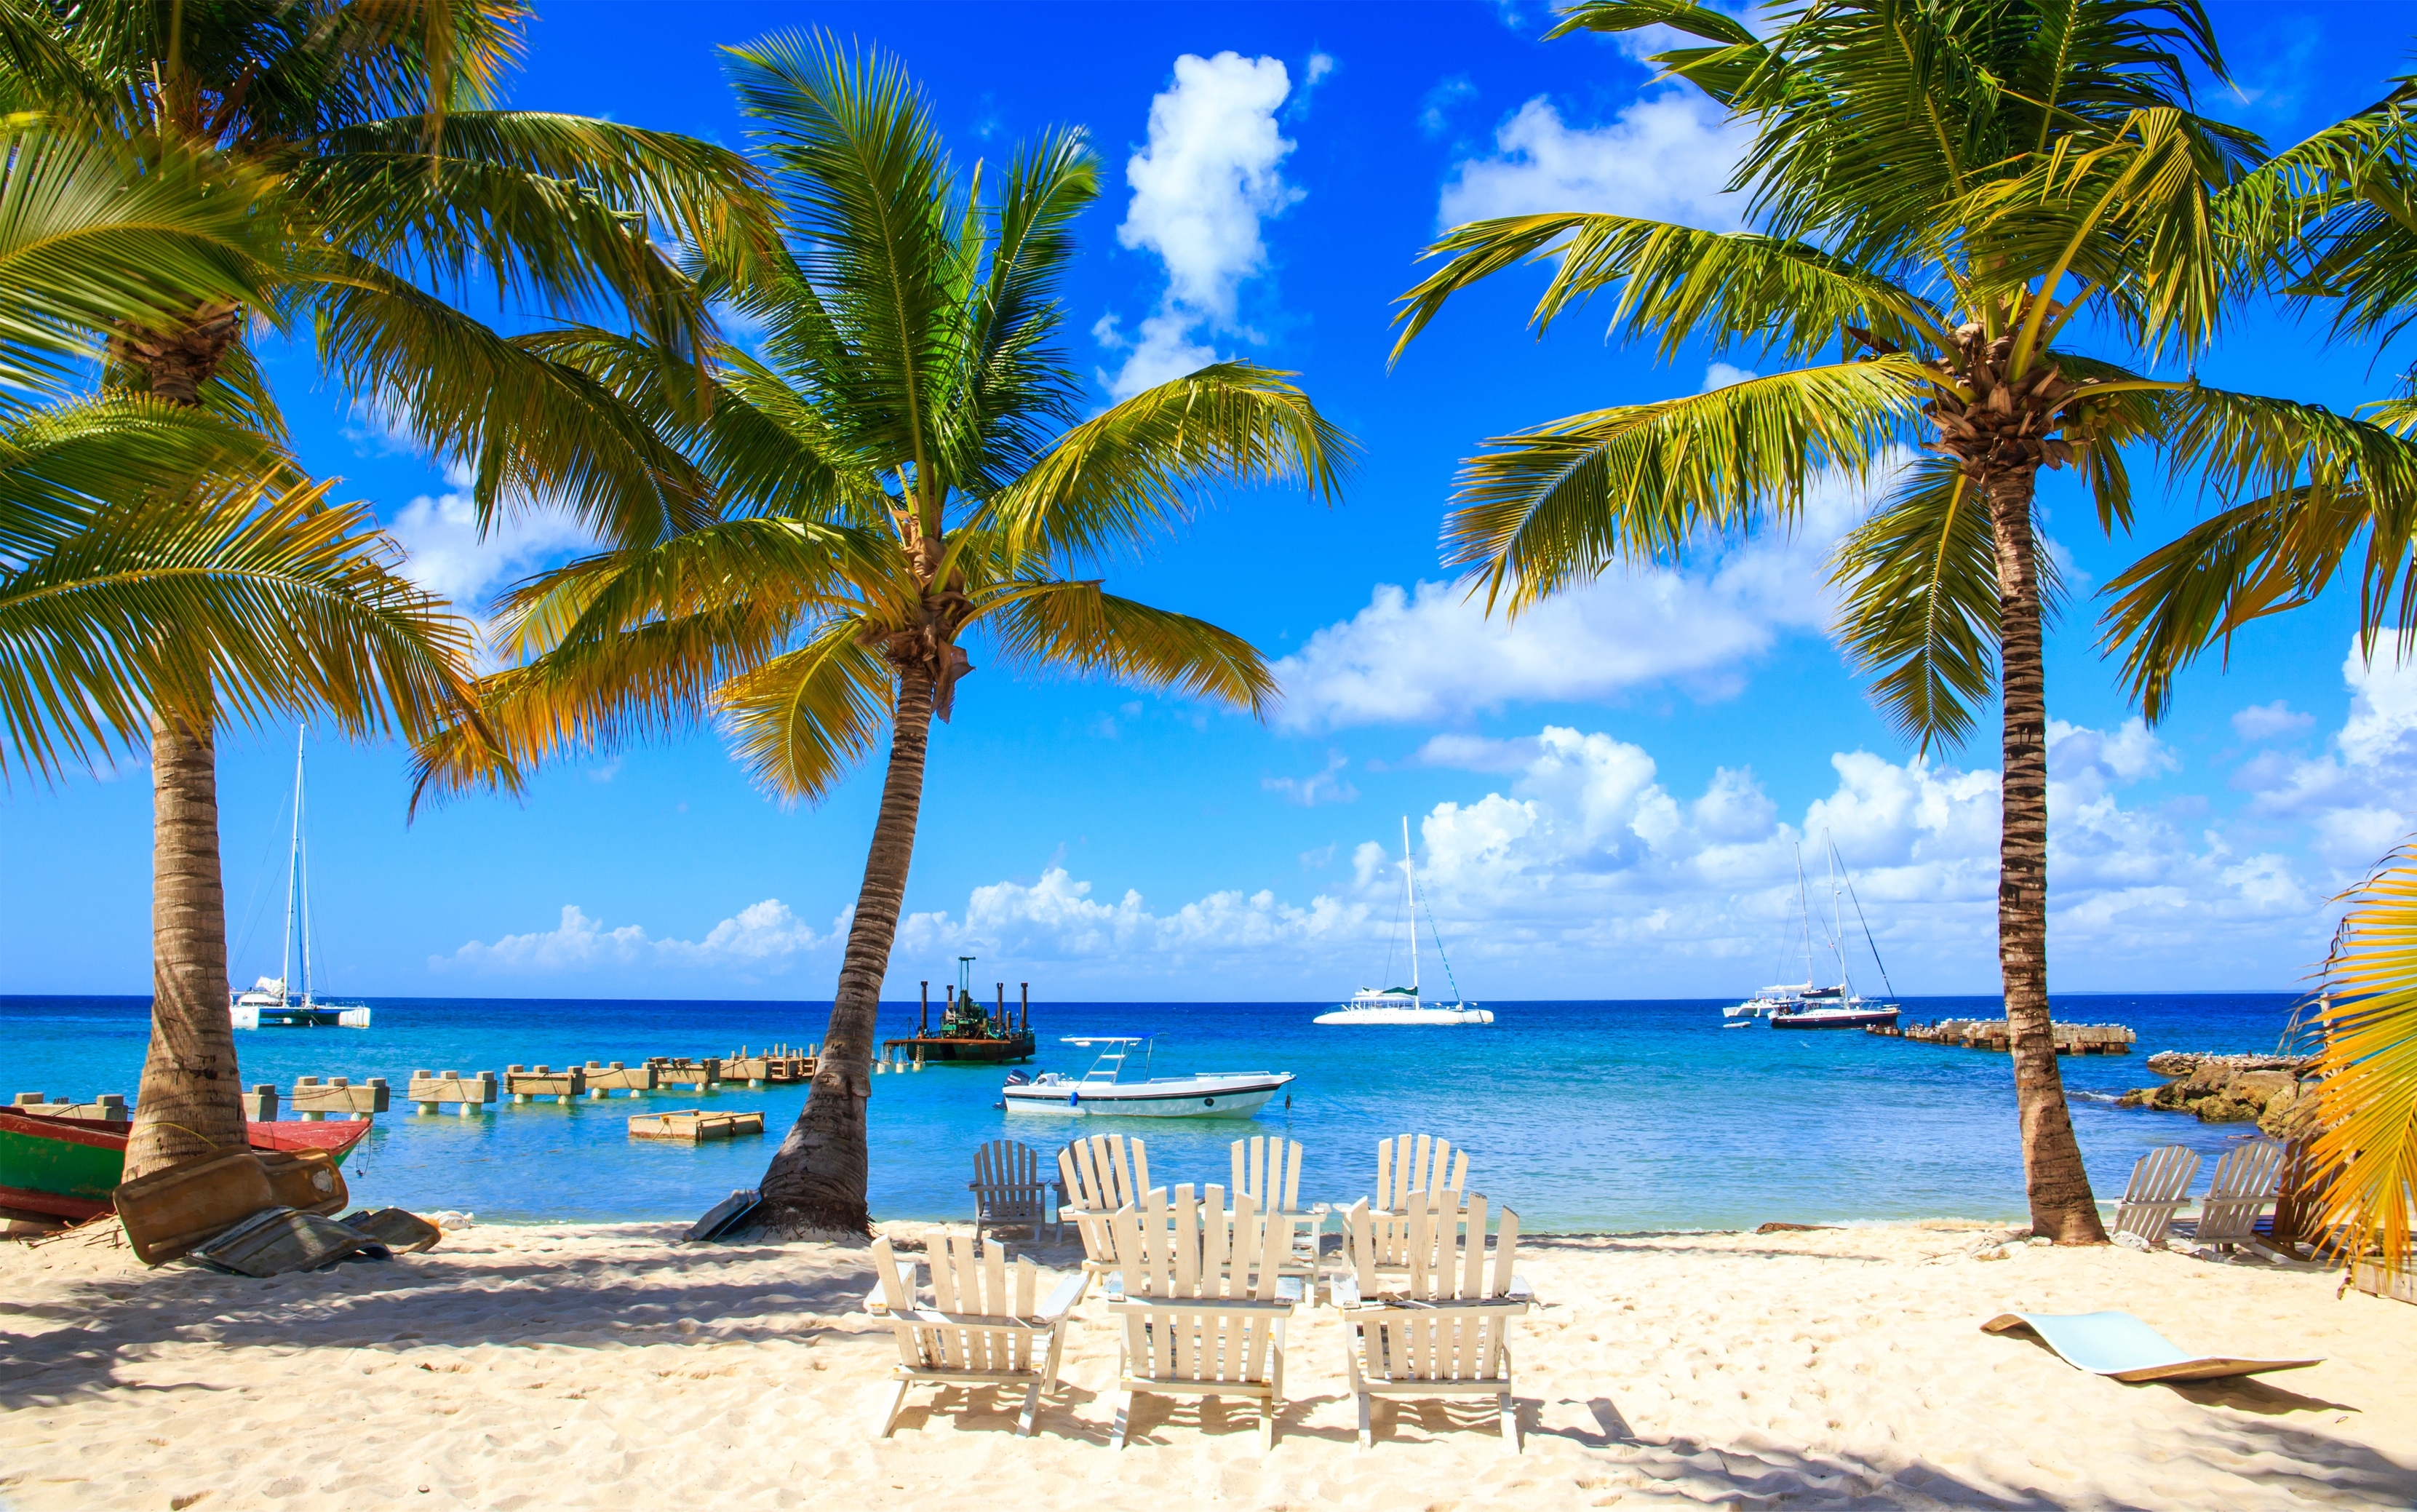 Takhle vypadá ostrov Saona u břehů Dominikánské republiky.